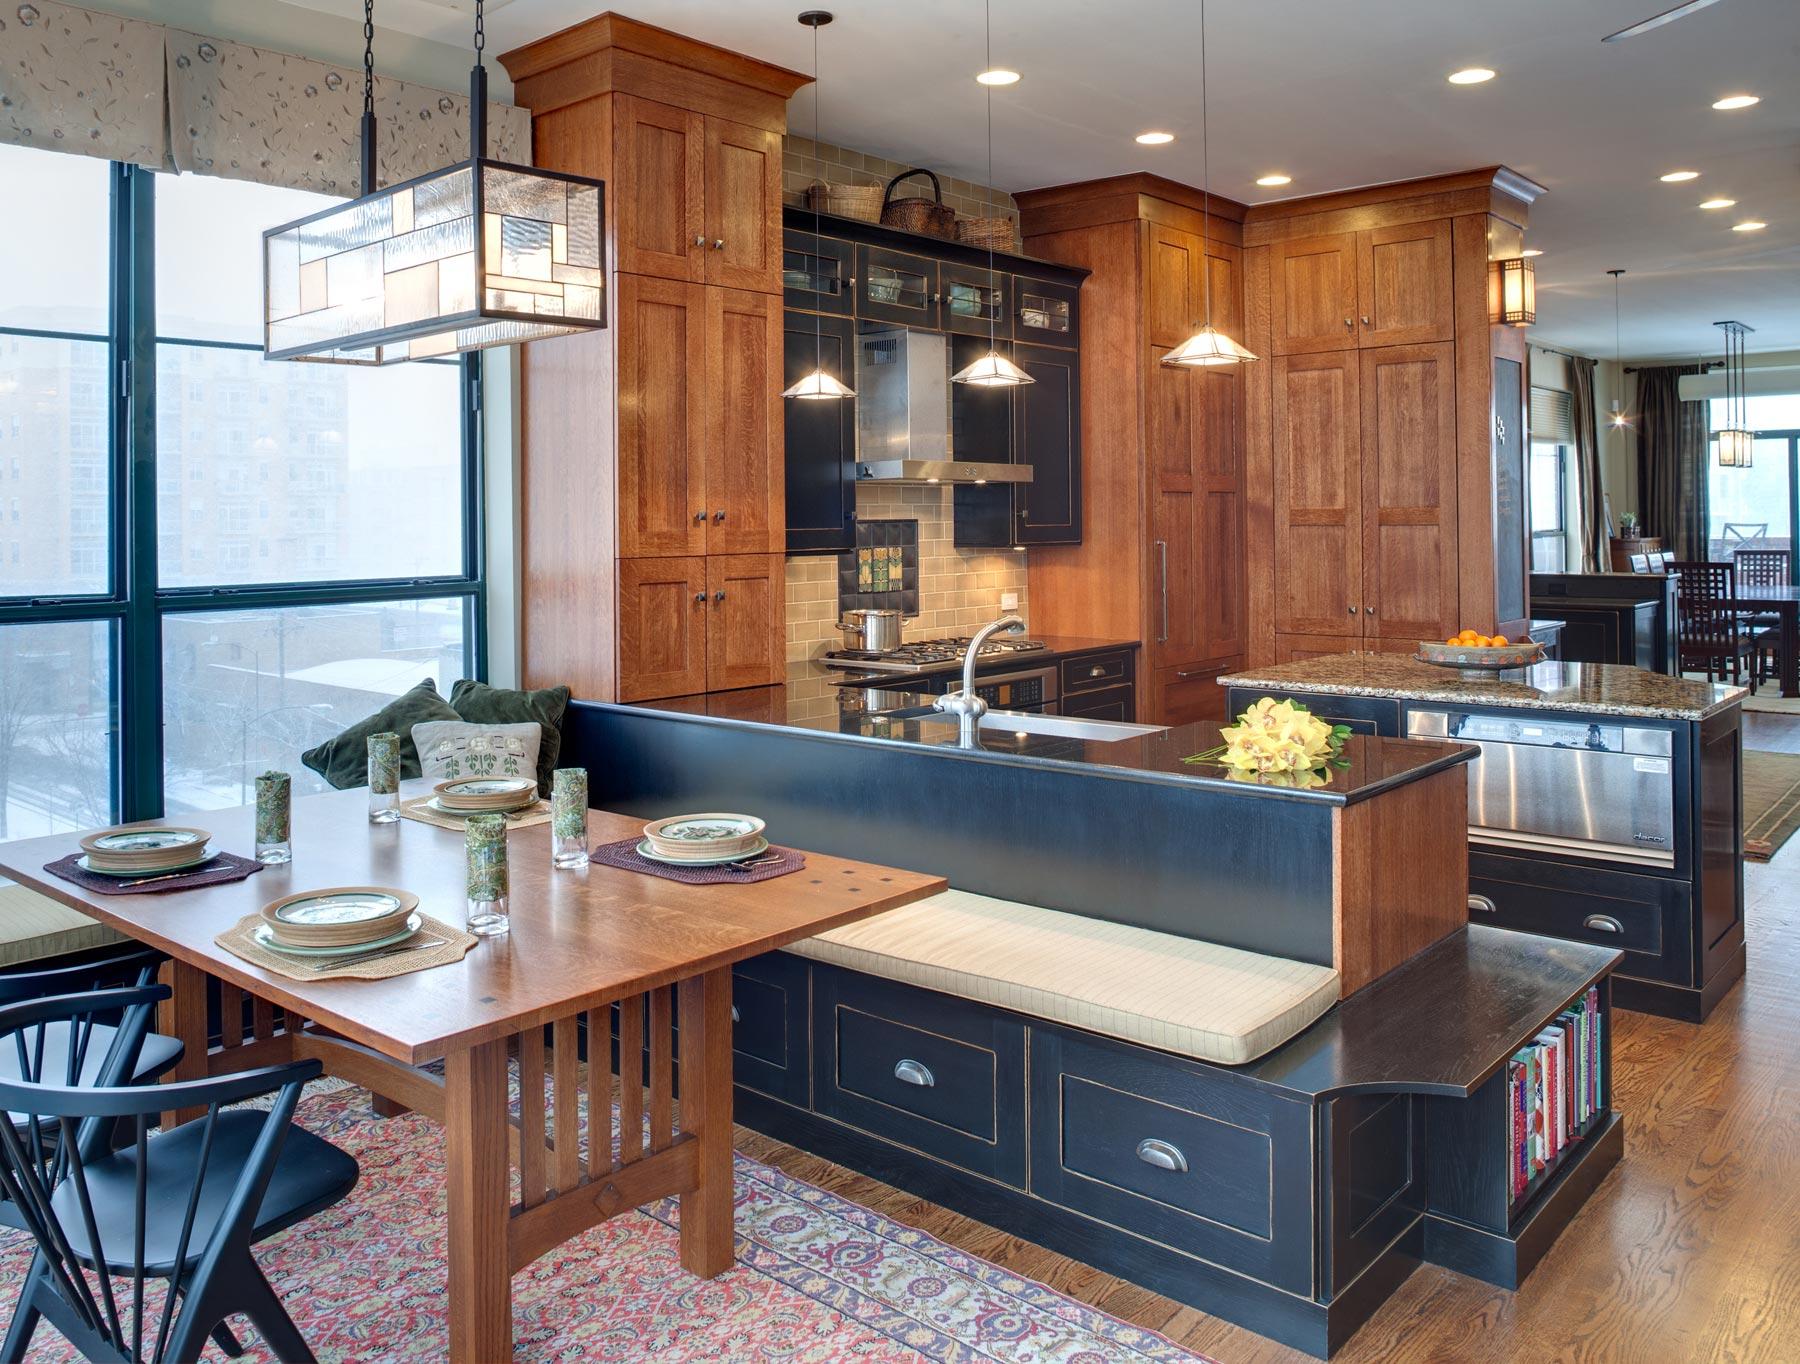 1395337155-drury-designs-artscrafts-kitchen02 Interior design for handicrafts and great decorating ideas